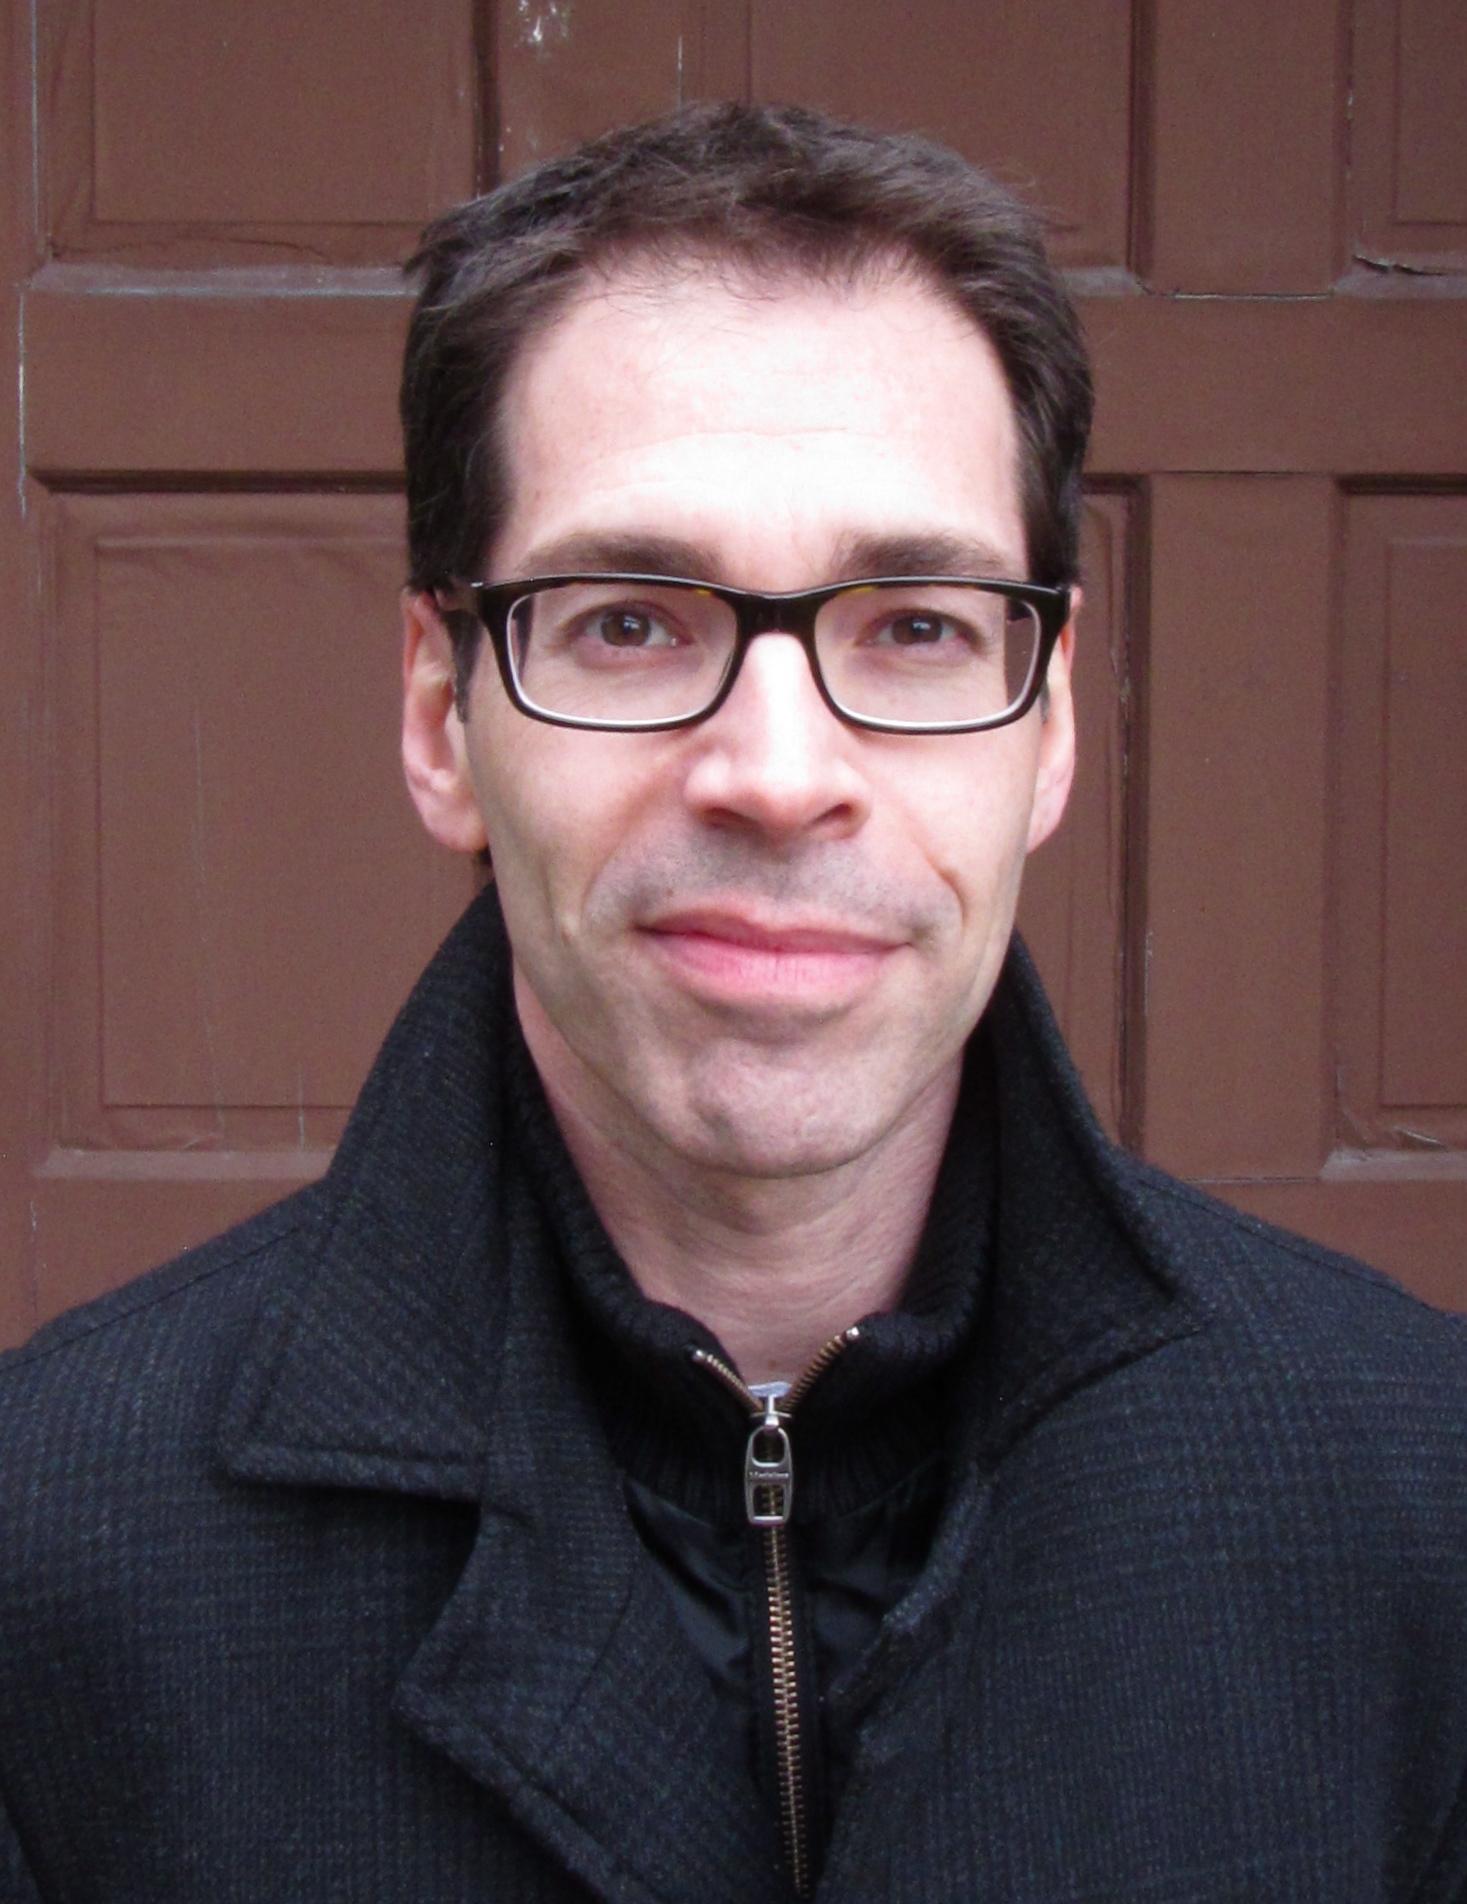 Phil Haid, CEO, Public Inc.